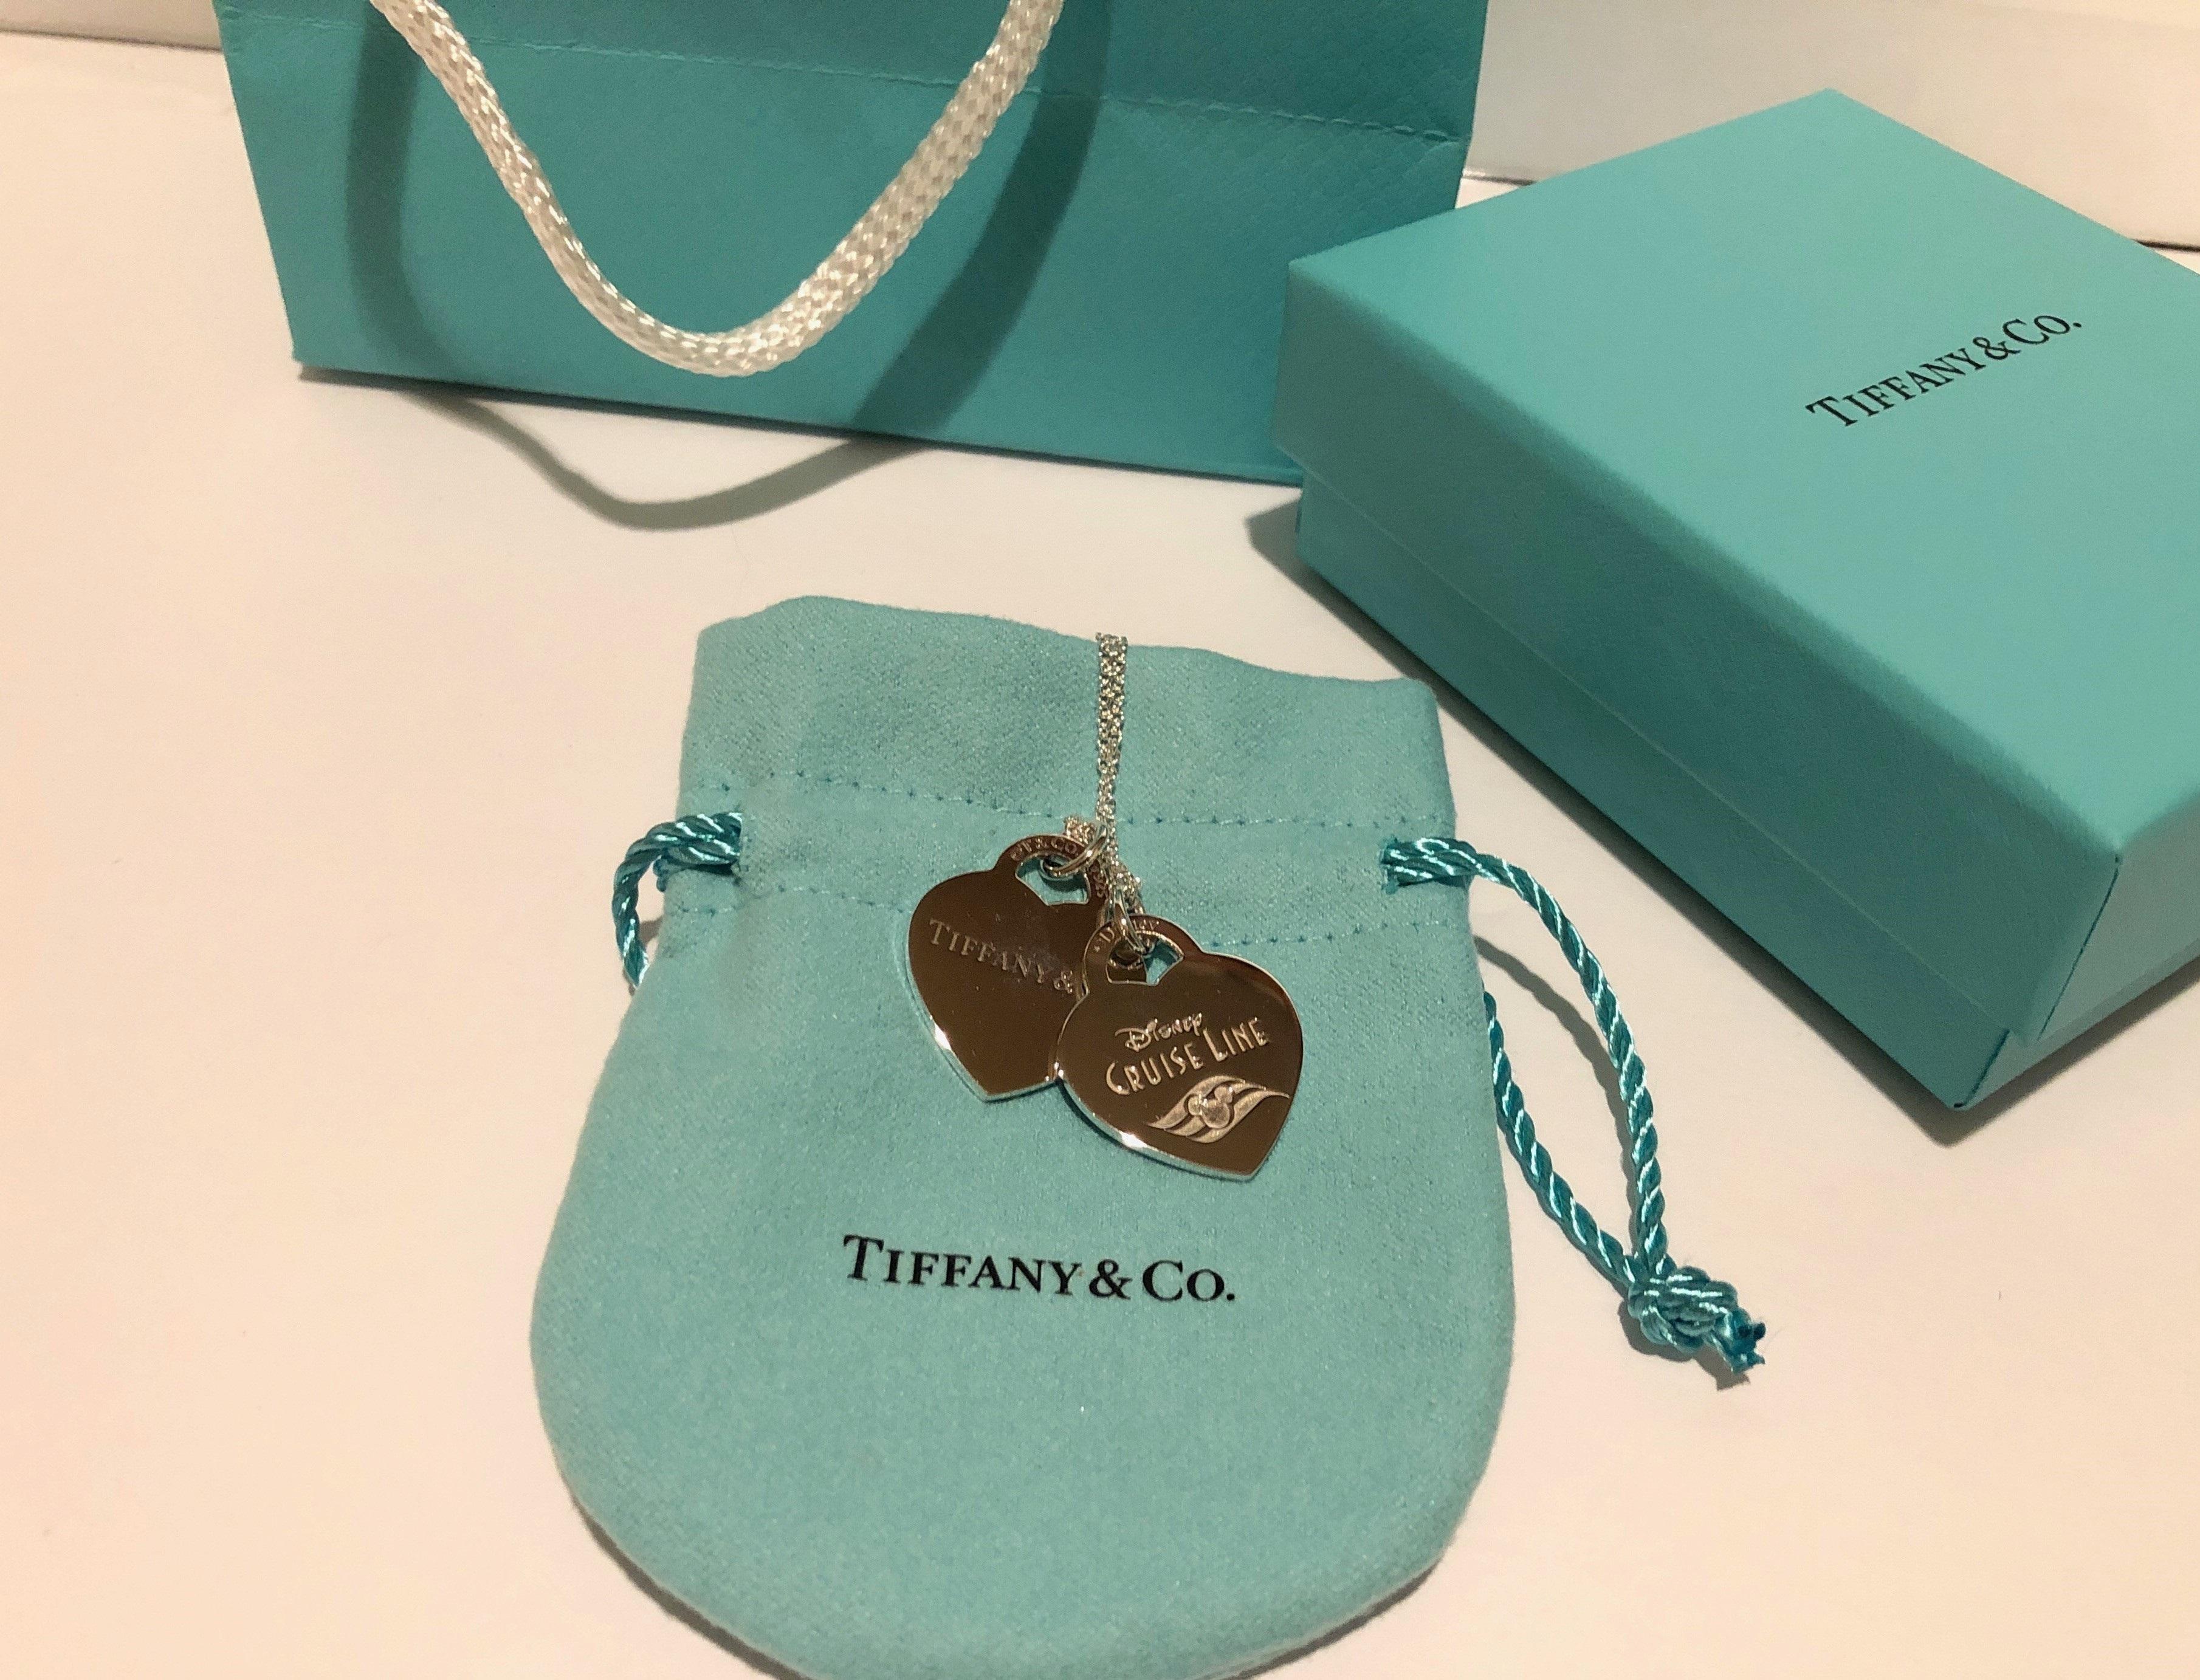 Tiffany from dcl tmflt